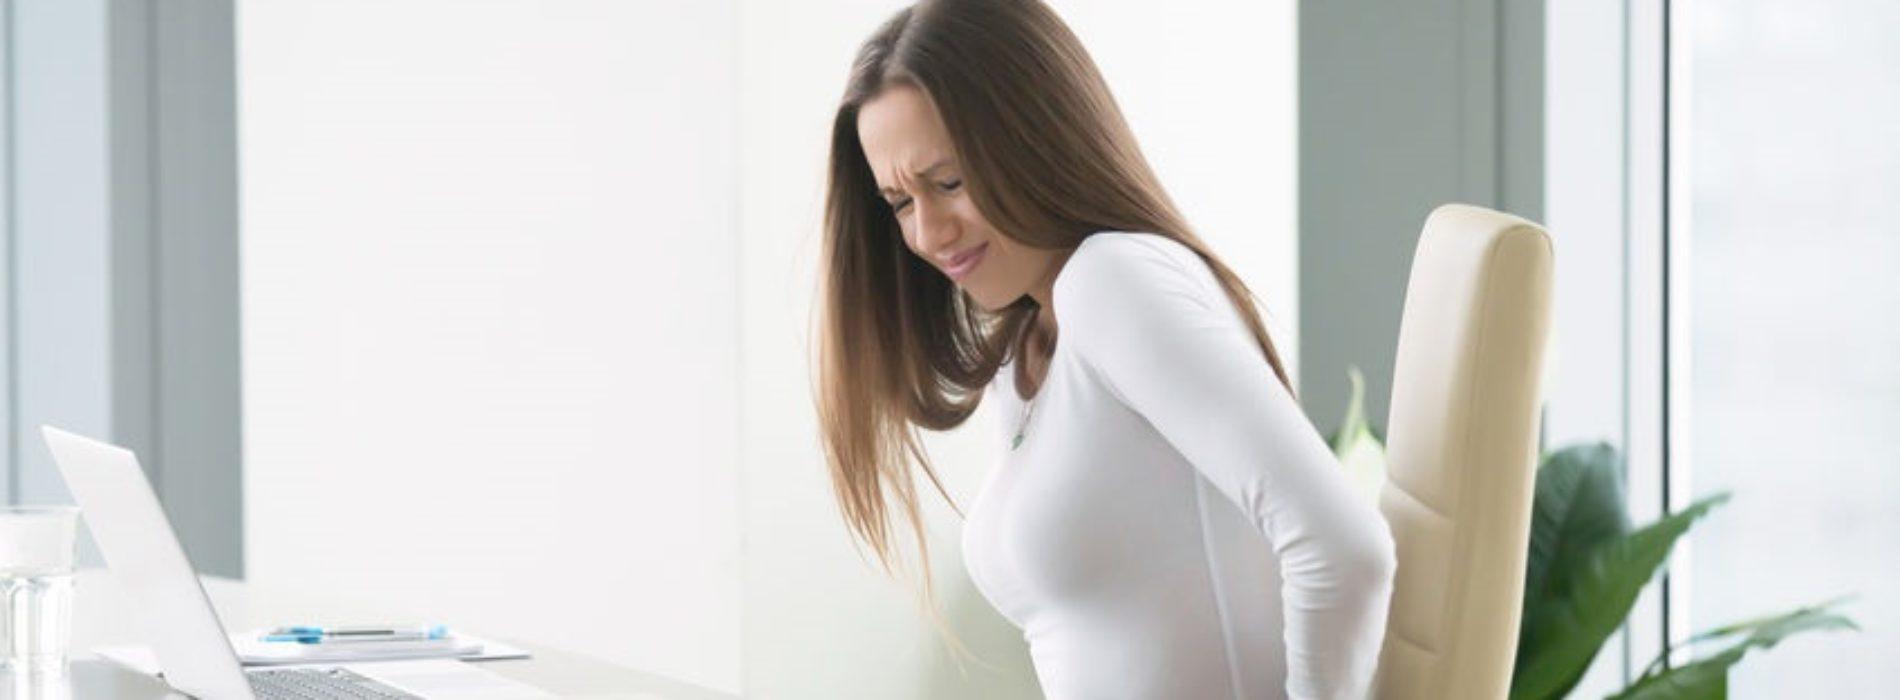 Hemoroidy – przyczyny i objawy, jak wyglądają? Leczenie